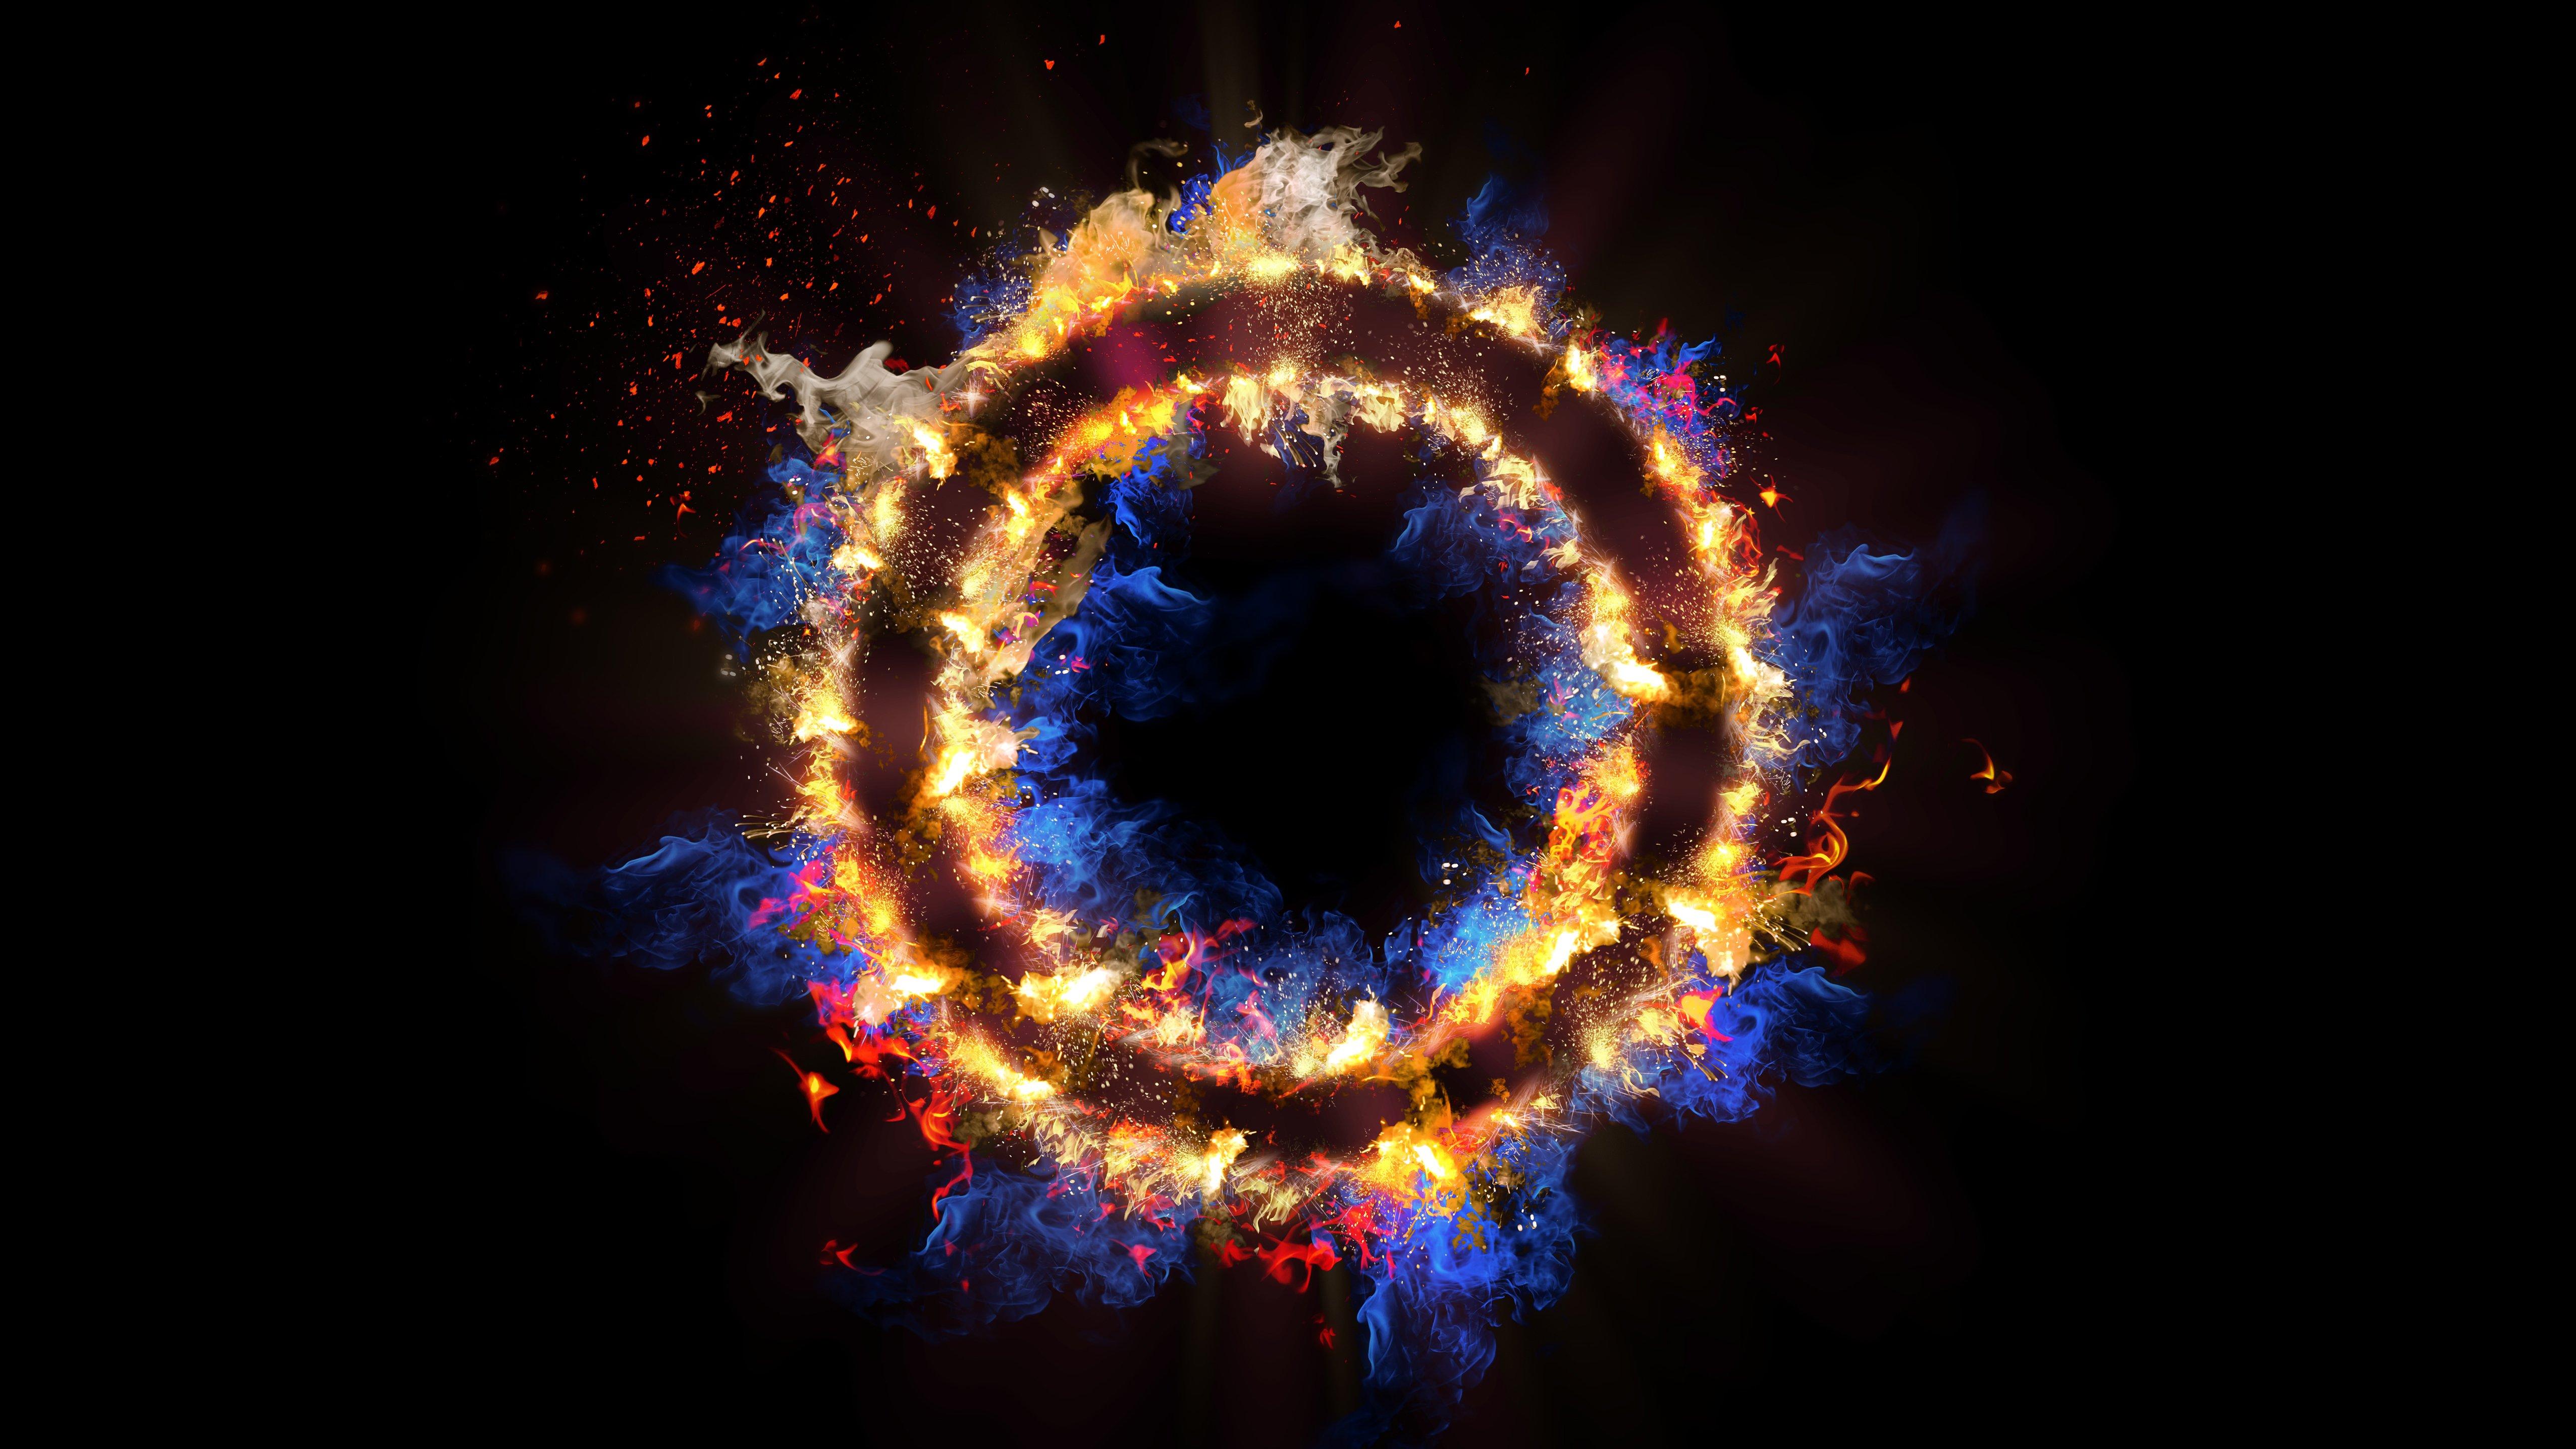 Fondos de pantalla Circulo en llamas Abstracto